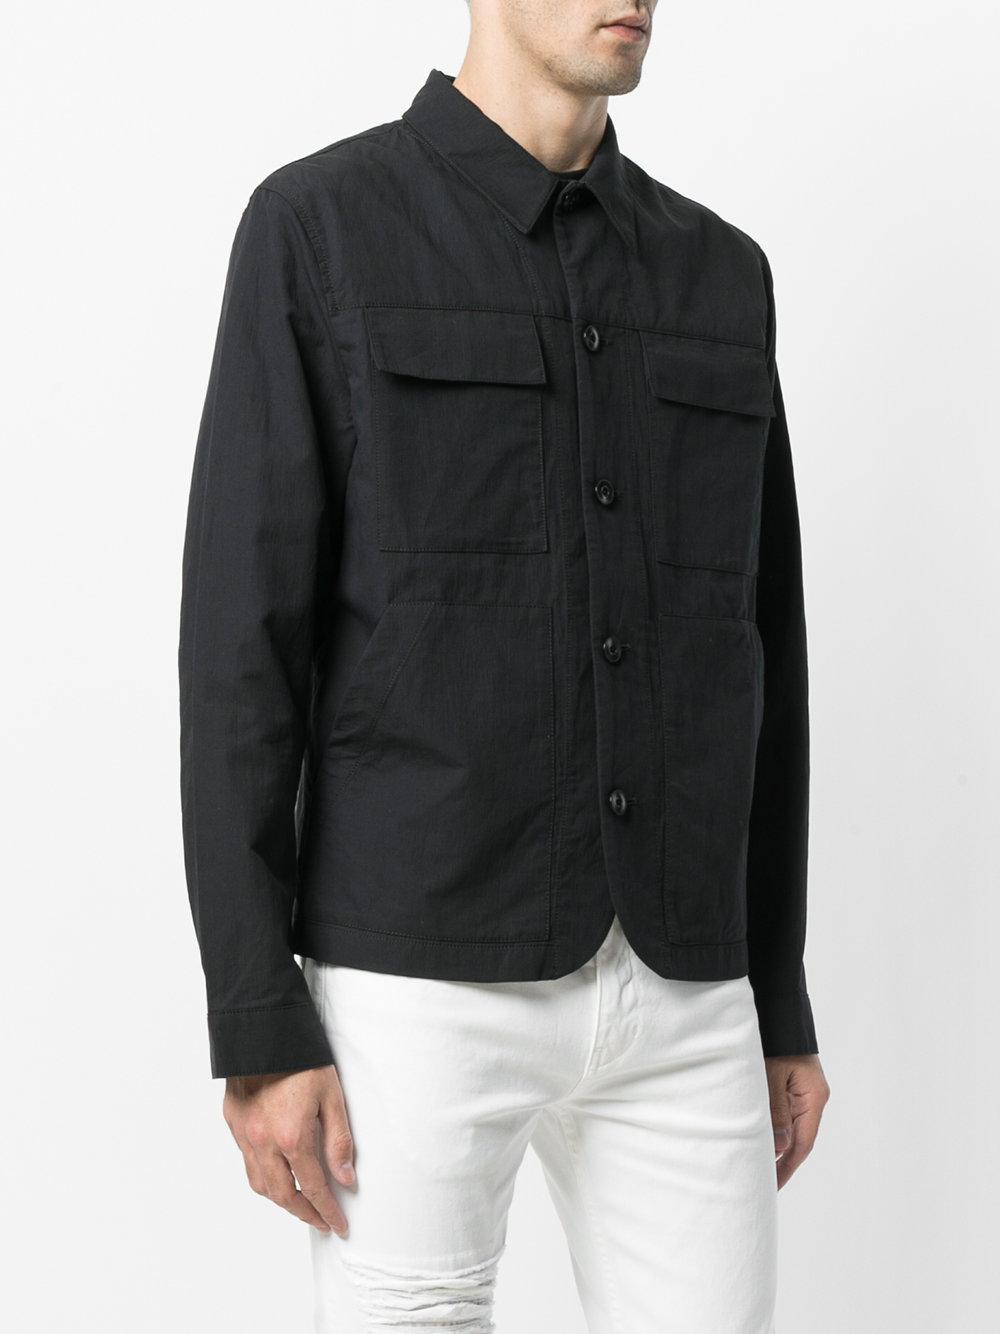 Helmut Lang Front Pocket Shirt Jacket In Black For Men Lyst